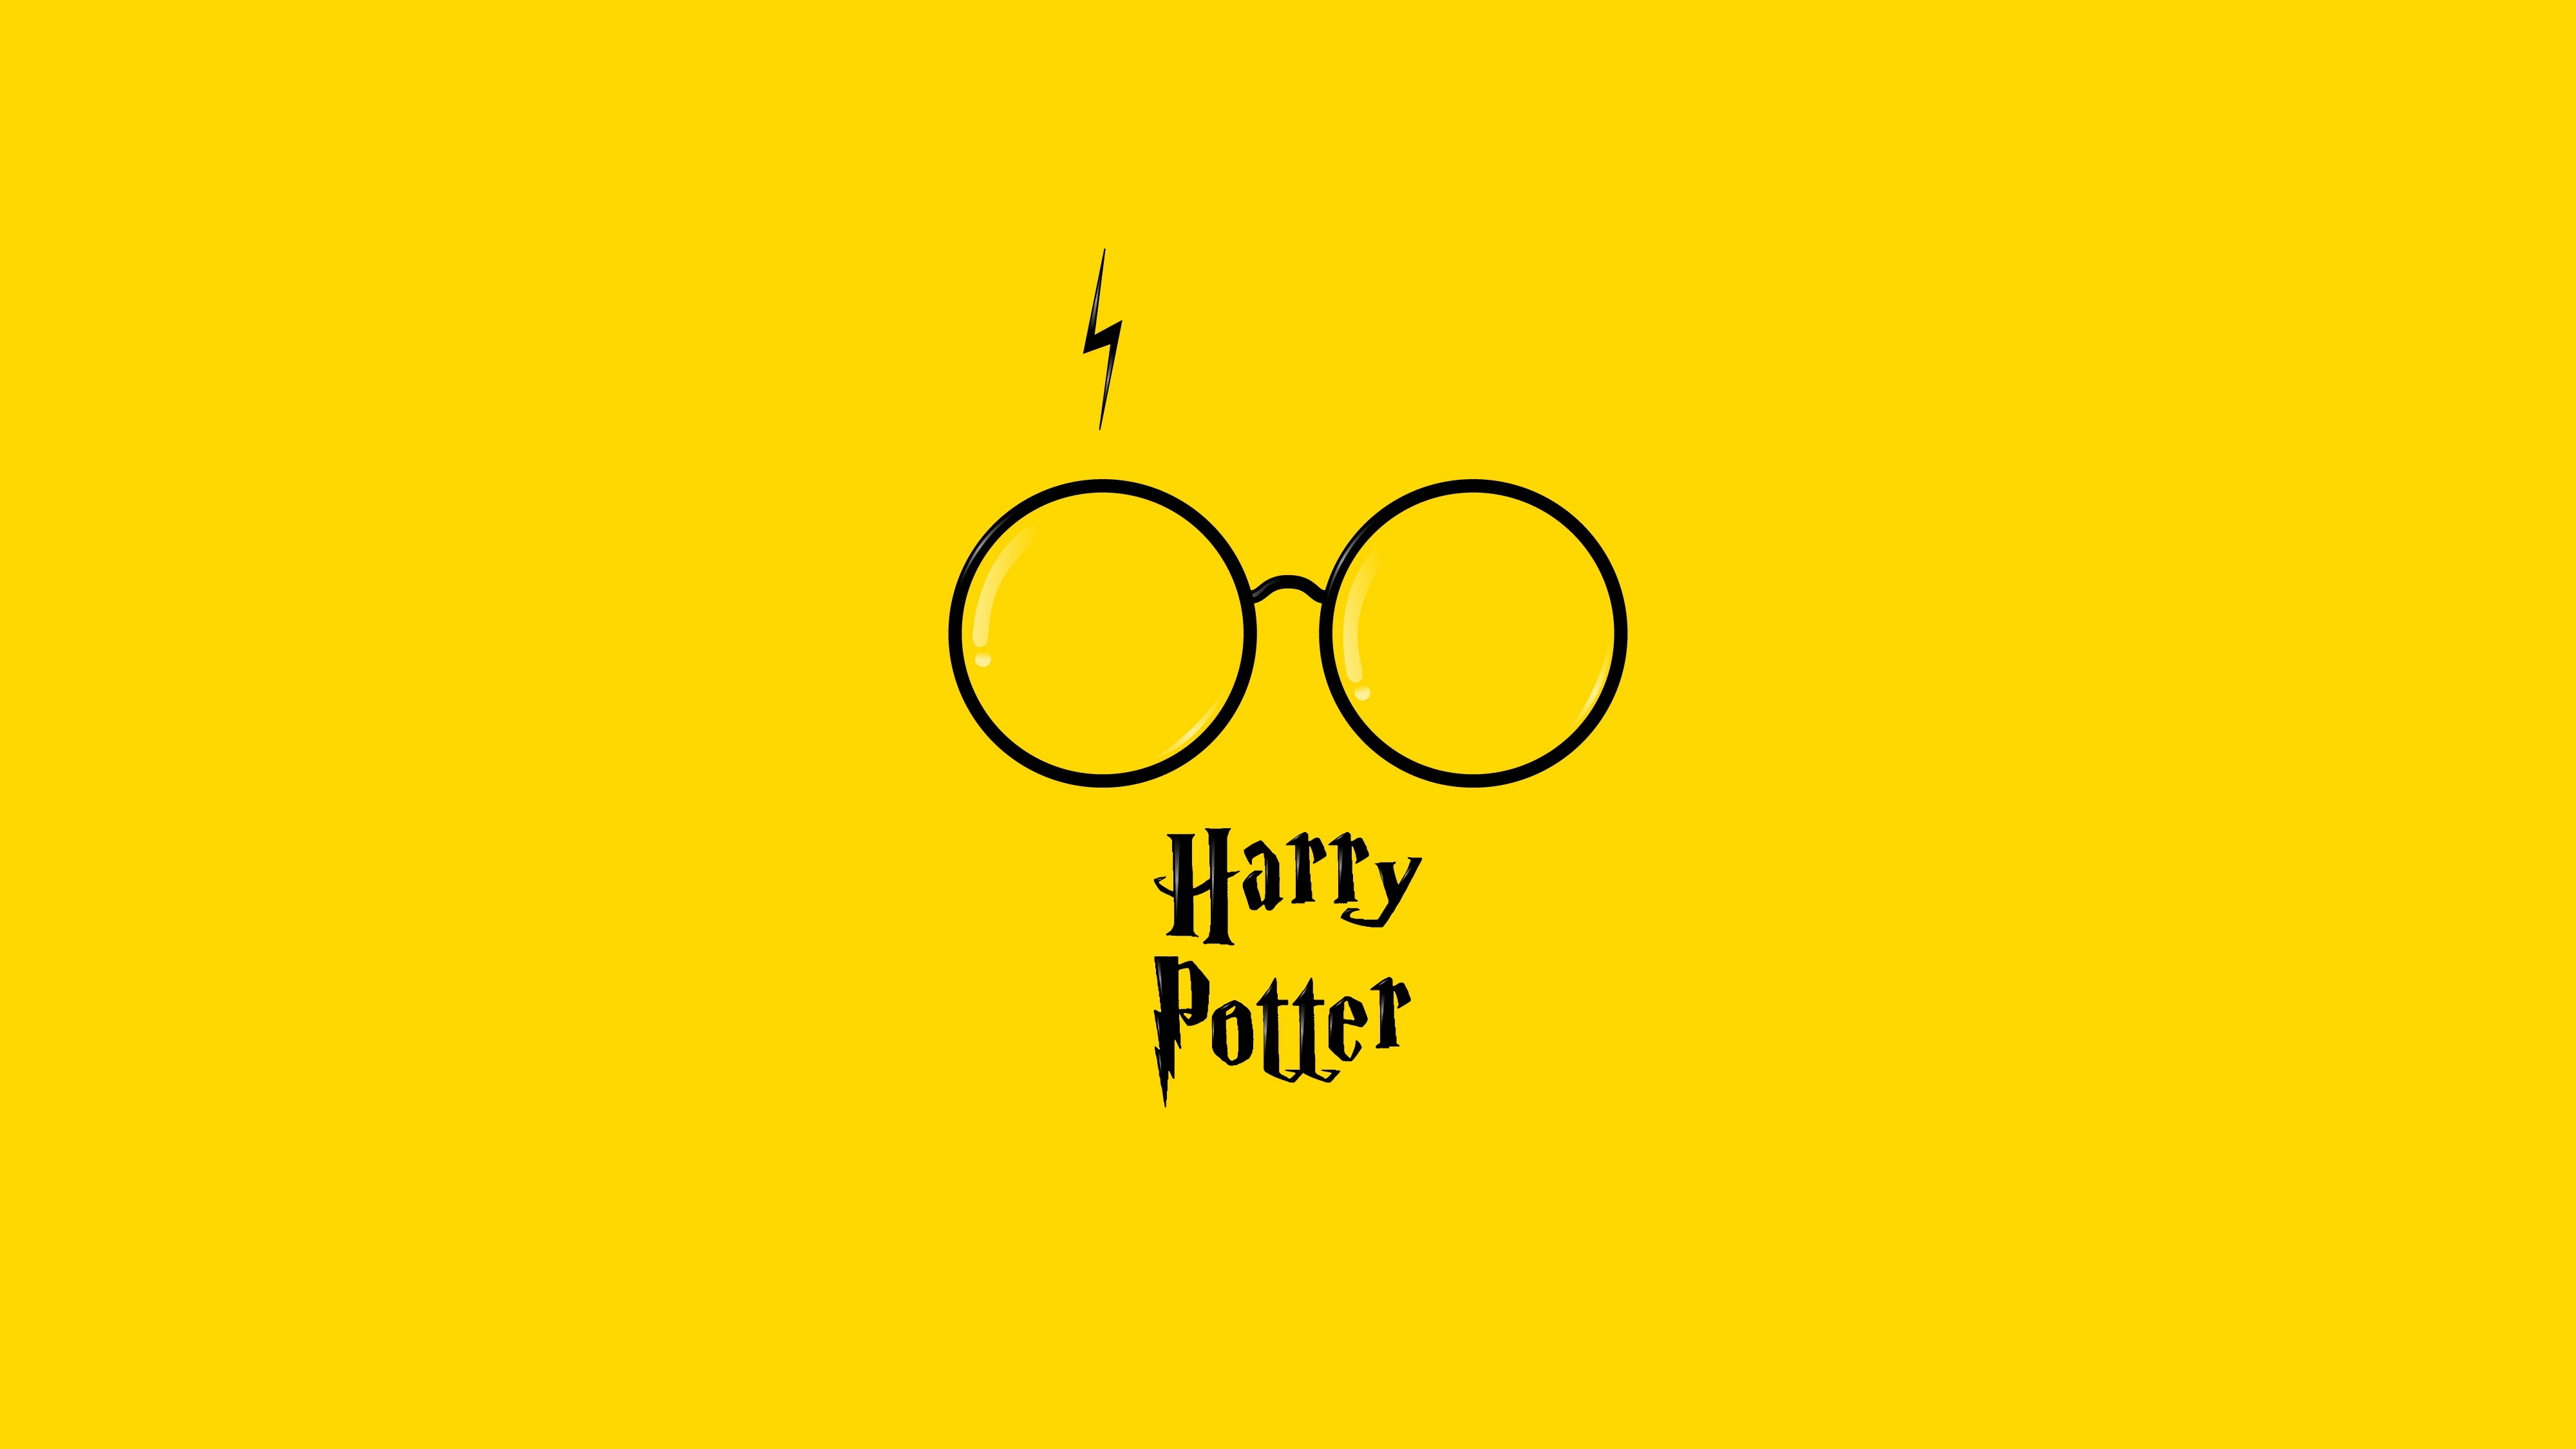 Harry Potter Minimalist Wallpaper Hd Minimalist 4k